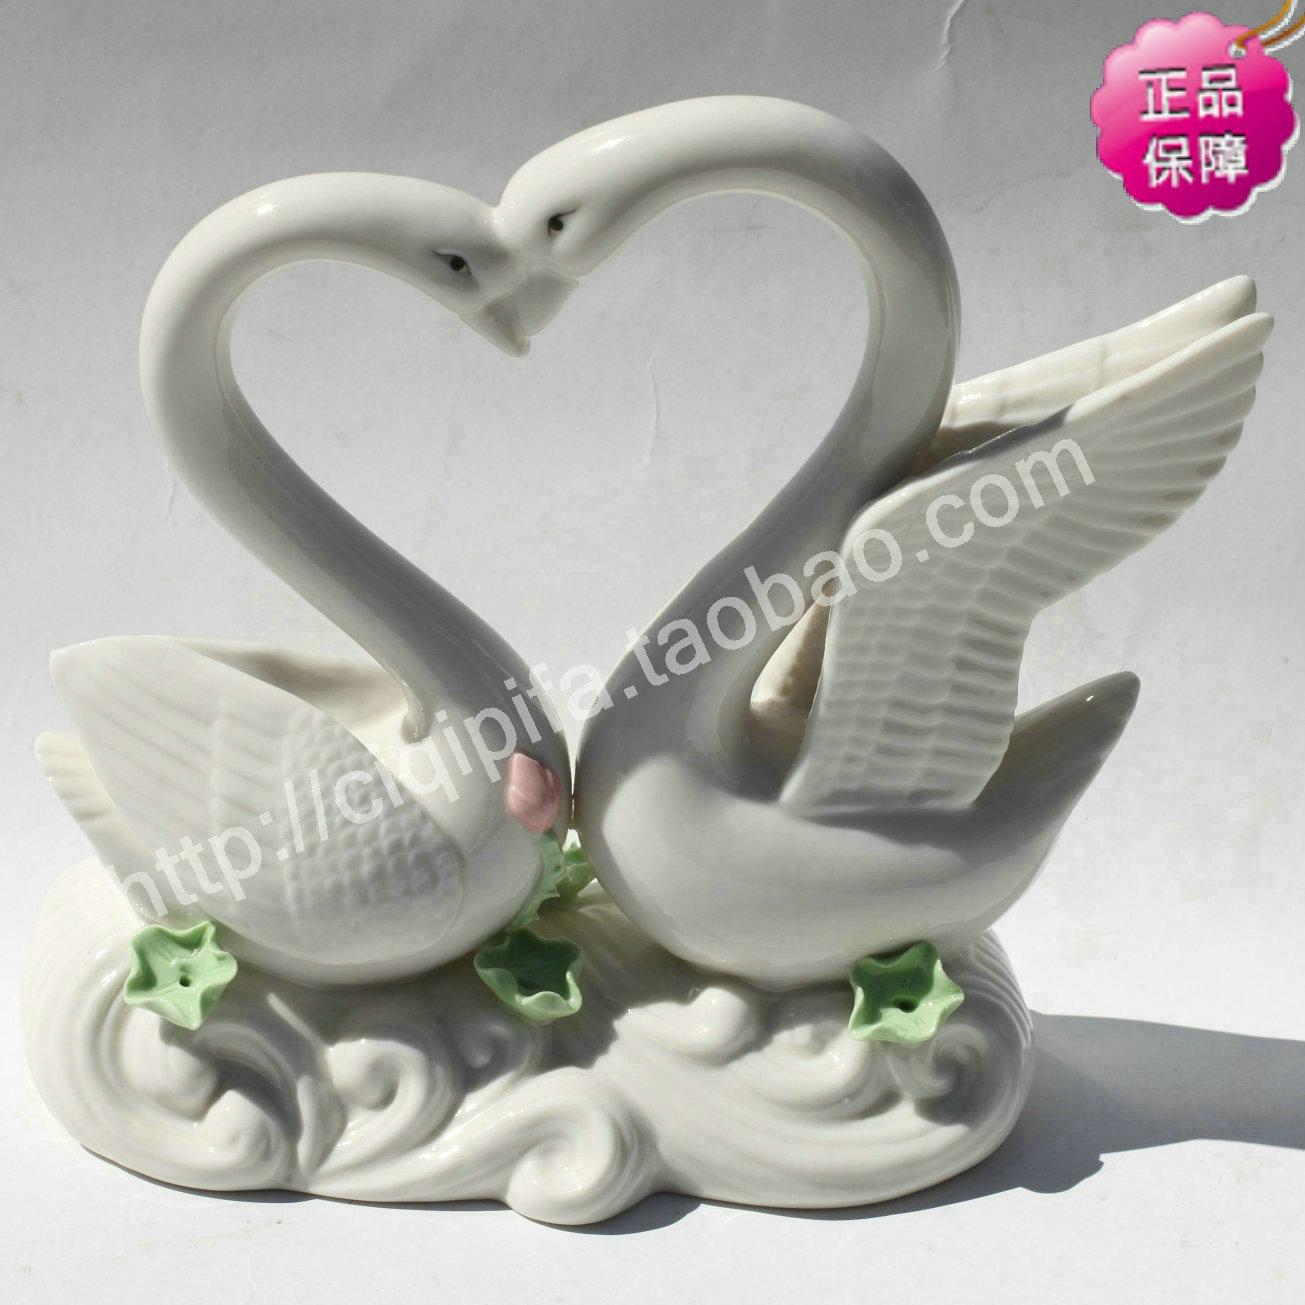 Изделия из керамики Цзиндэчжэнь керамические бутик украшения ручной работы лучших вариантов подарка